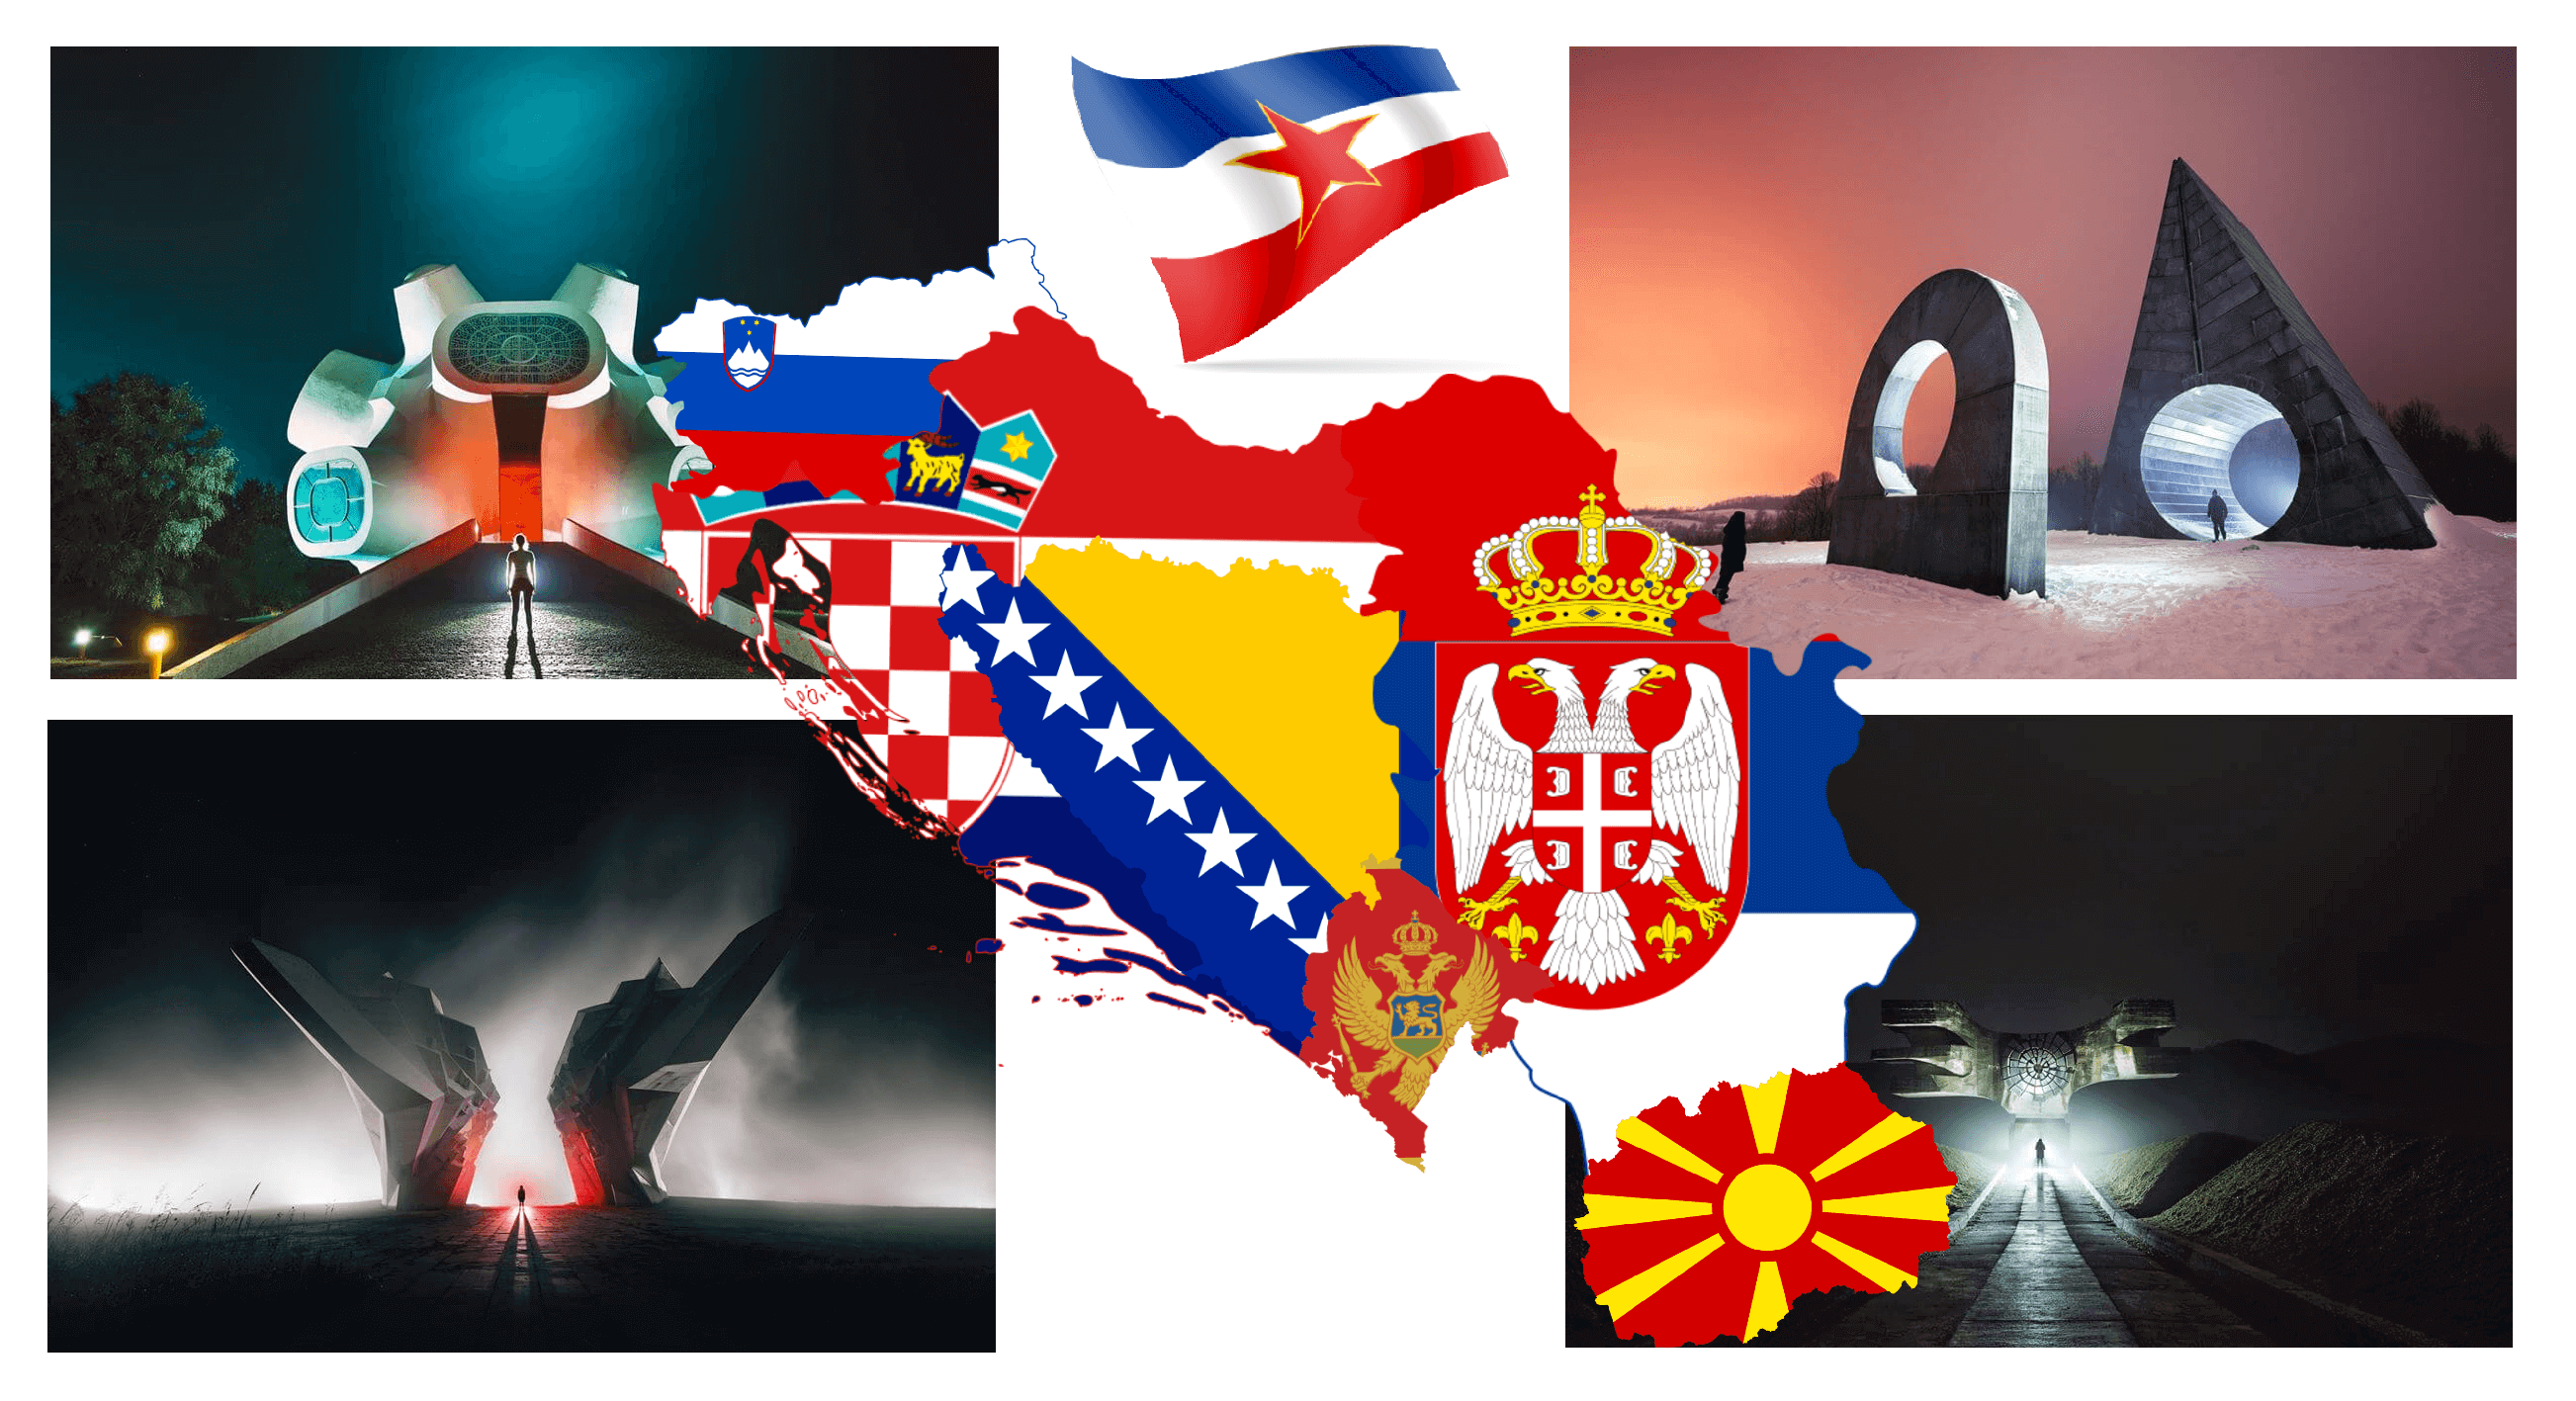 xiao, yang, jugoslavija